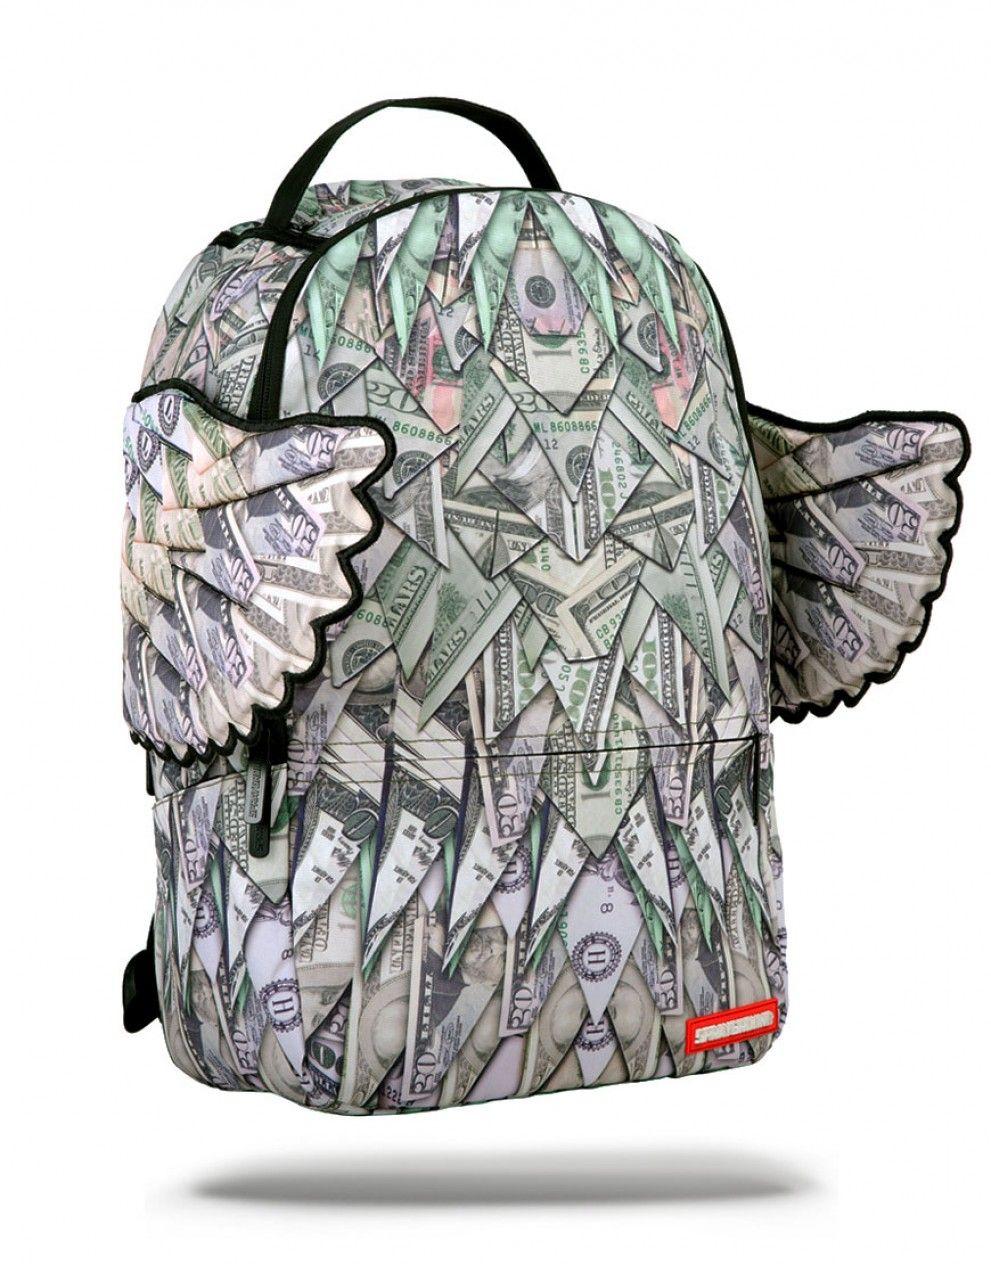 Sprayground Origami Money Wings Backpack White One Size hBifG